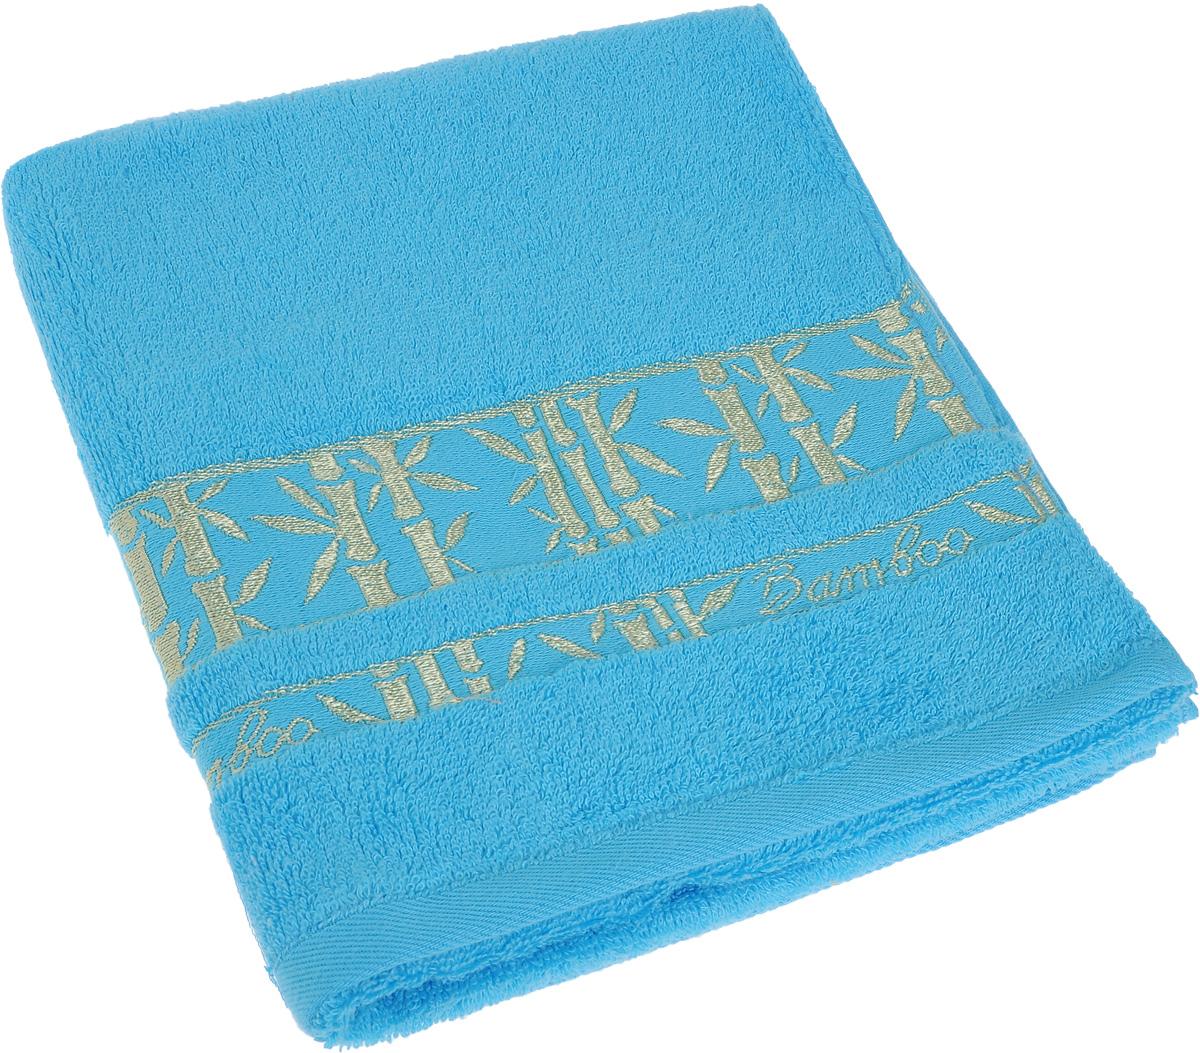 Полотенце Soavita Andrea, цвет: бирюзовый, золотистый, 50 х 80 см64089Полотенце Soavita Andrea выполнено из 100% бамбукового волокна. Изделие отлично впитывает влагу, быстро сохнет, сохраняет яркость цвета и не теряет форму даже после многократных стирок. Полотенце очень практично и неприхотливо в уходе. Оно создаст прекрасное настроение и украсит интерьер в ванной комнате.